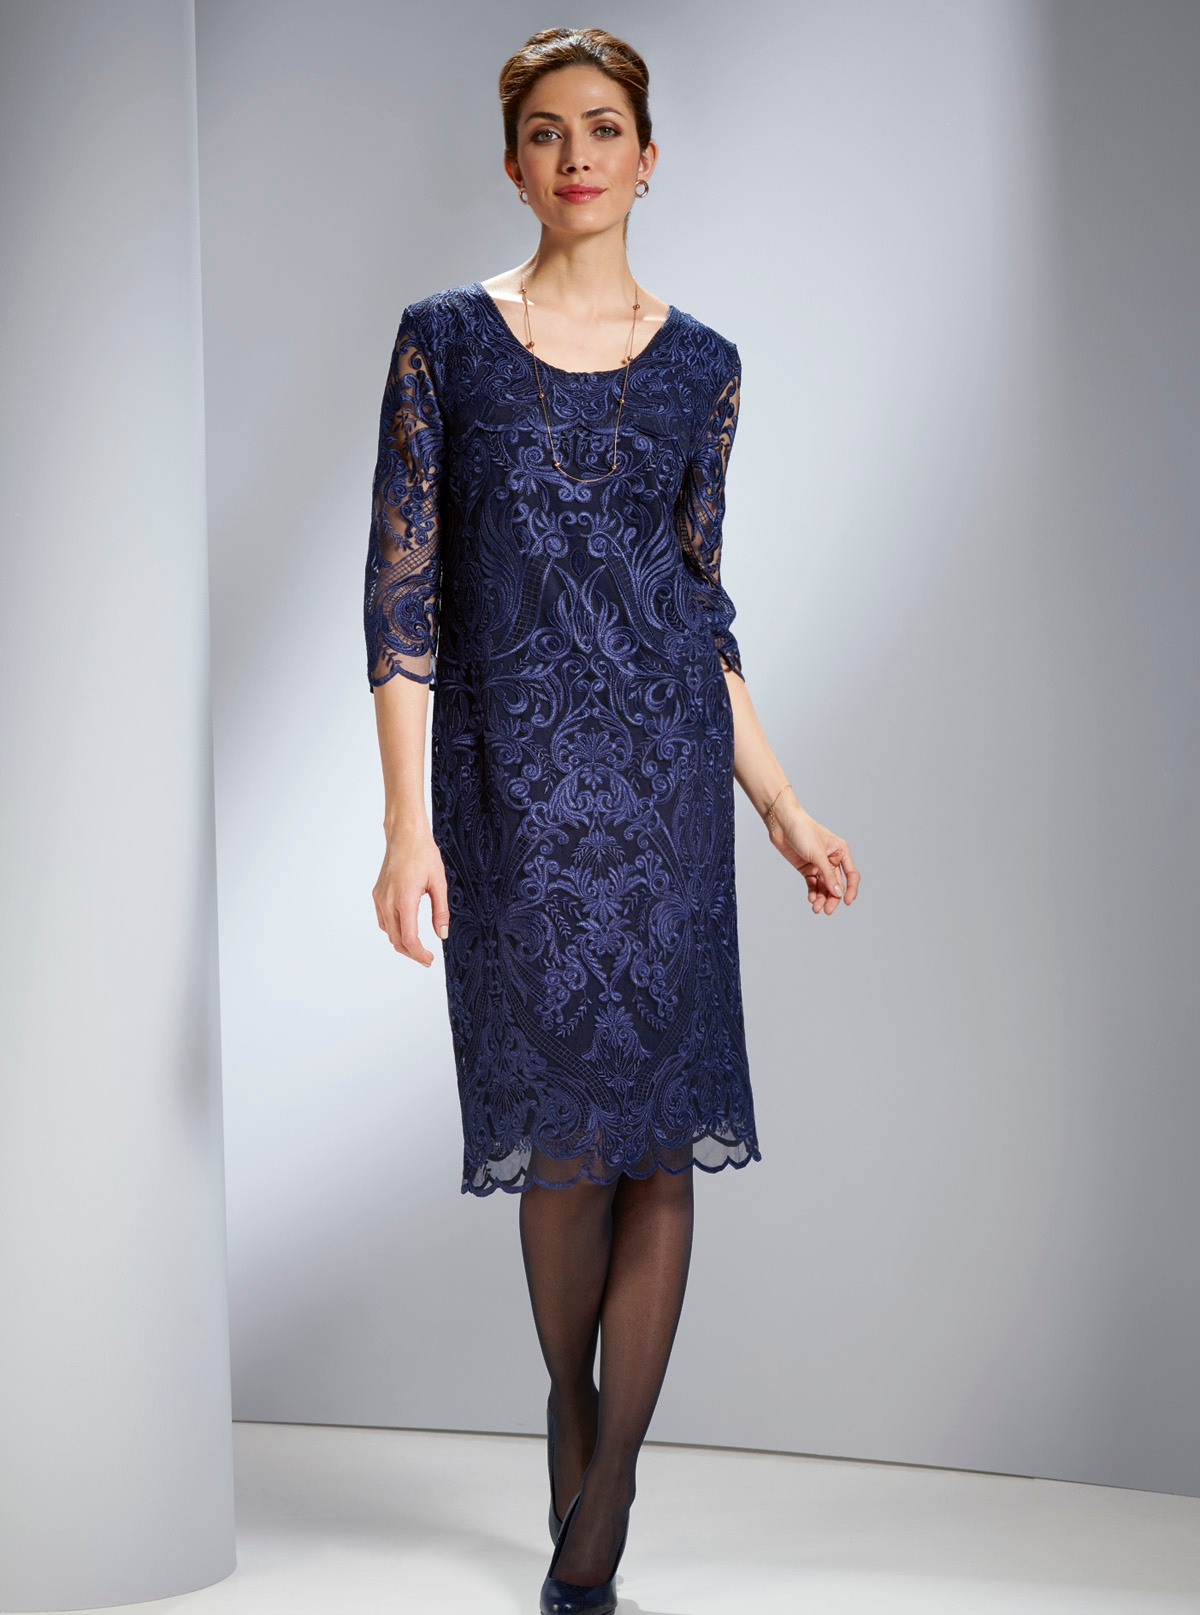 Designer Luxus Kleider Zum Besonderen Anlass Boutique10 Schön Kleider Zum Besonderen Anlass Design